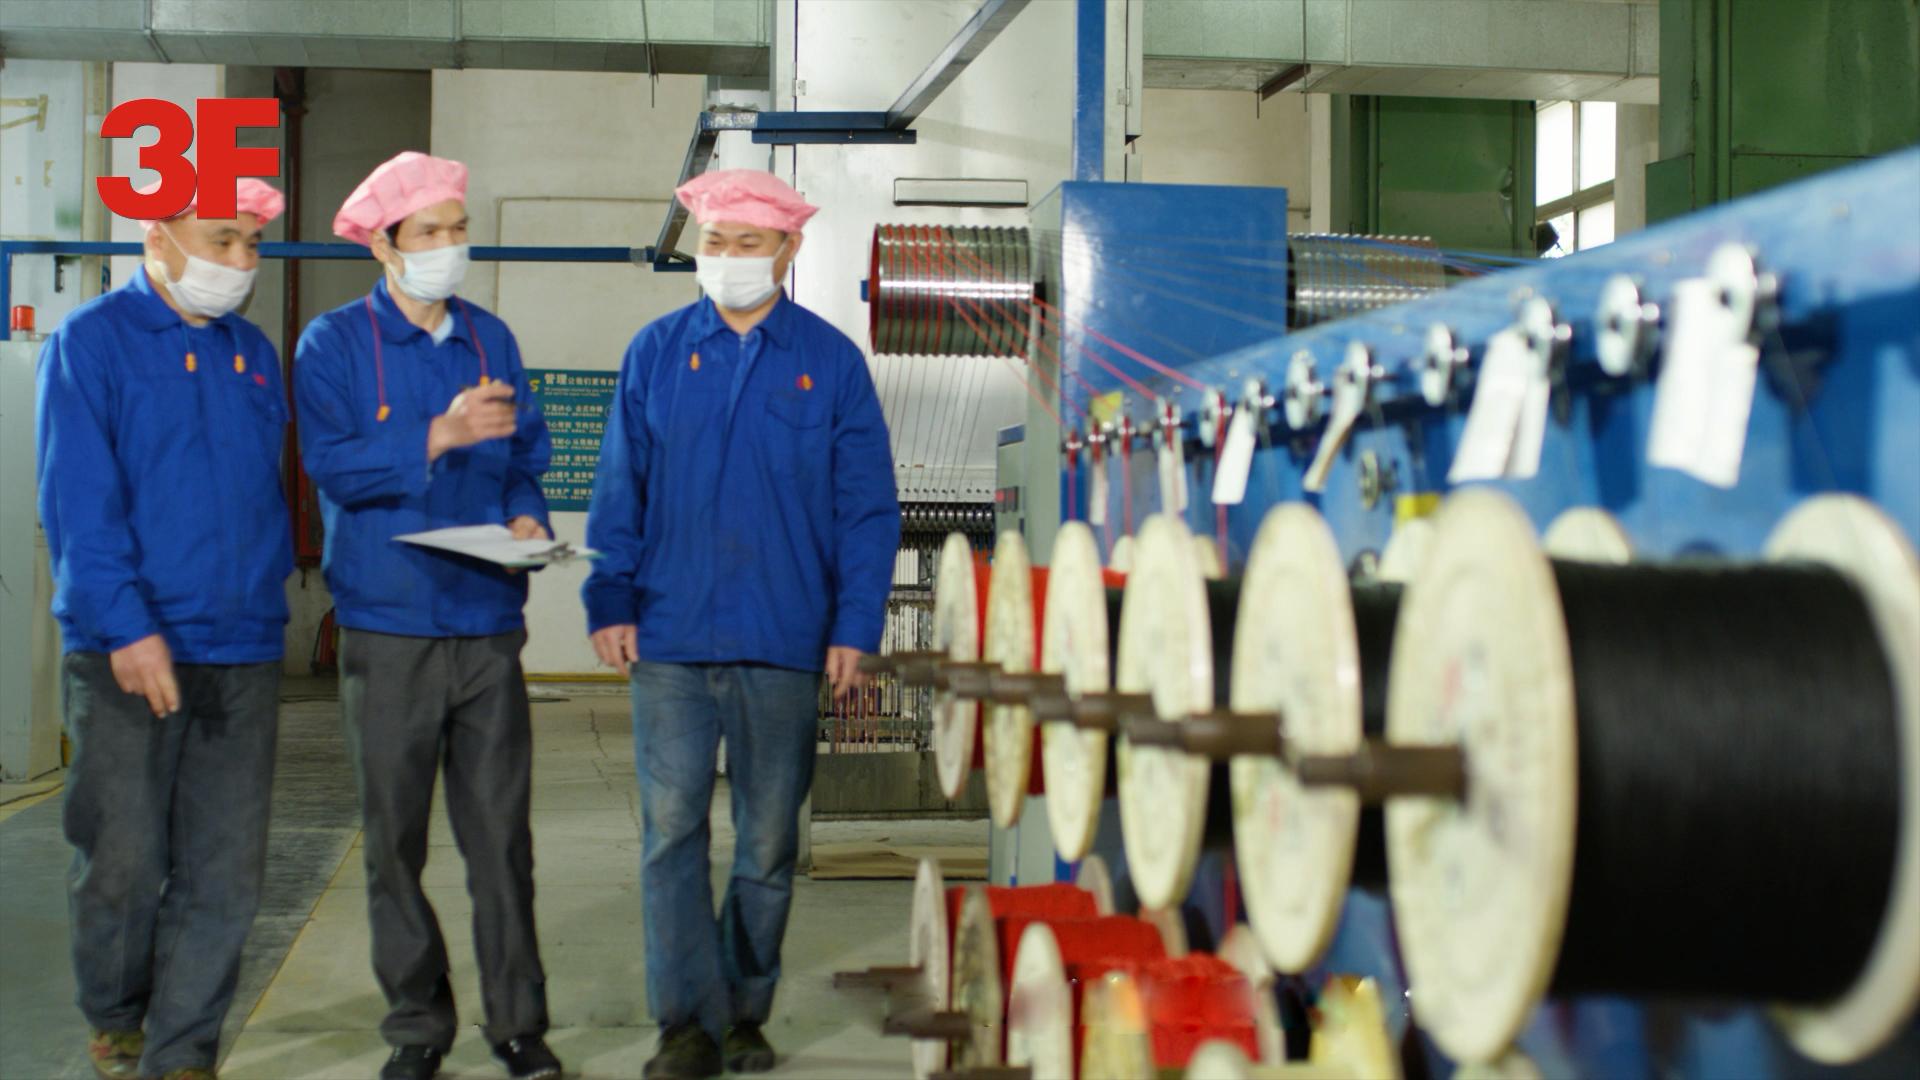 250度硅胶电线取得UL认证,成为全国首家全球第八家UL认证工厂